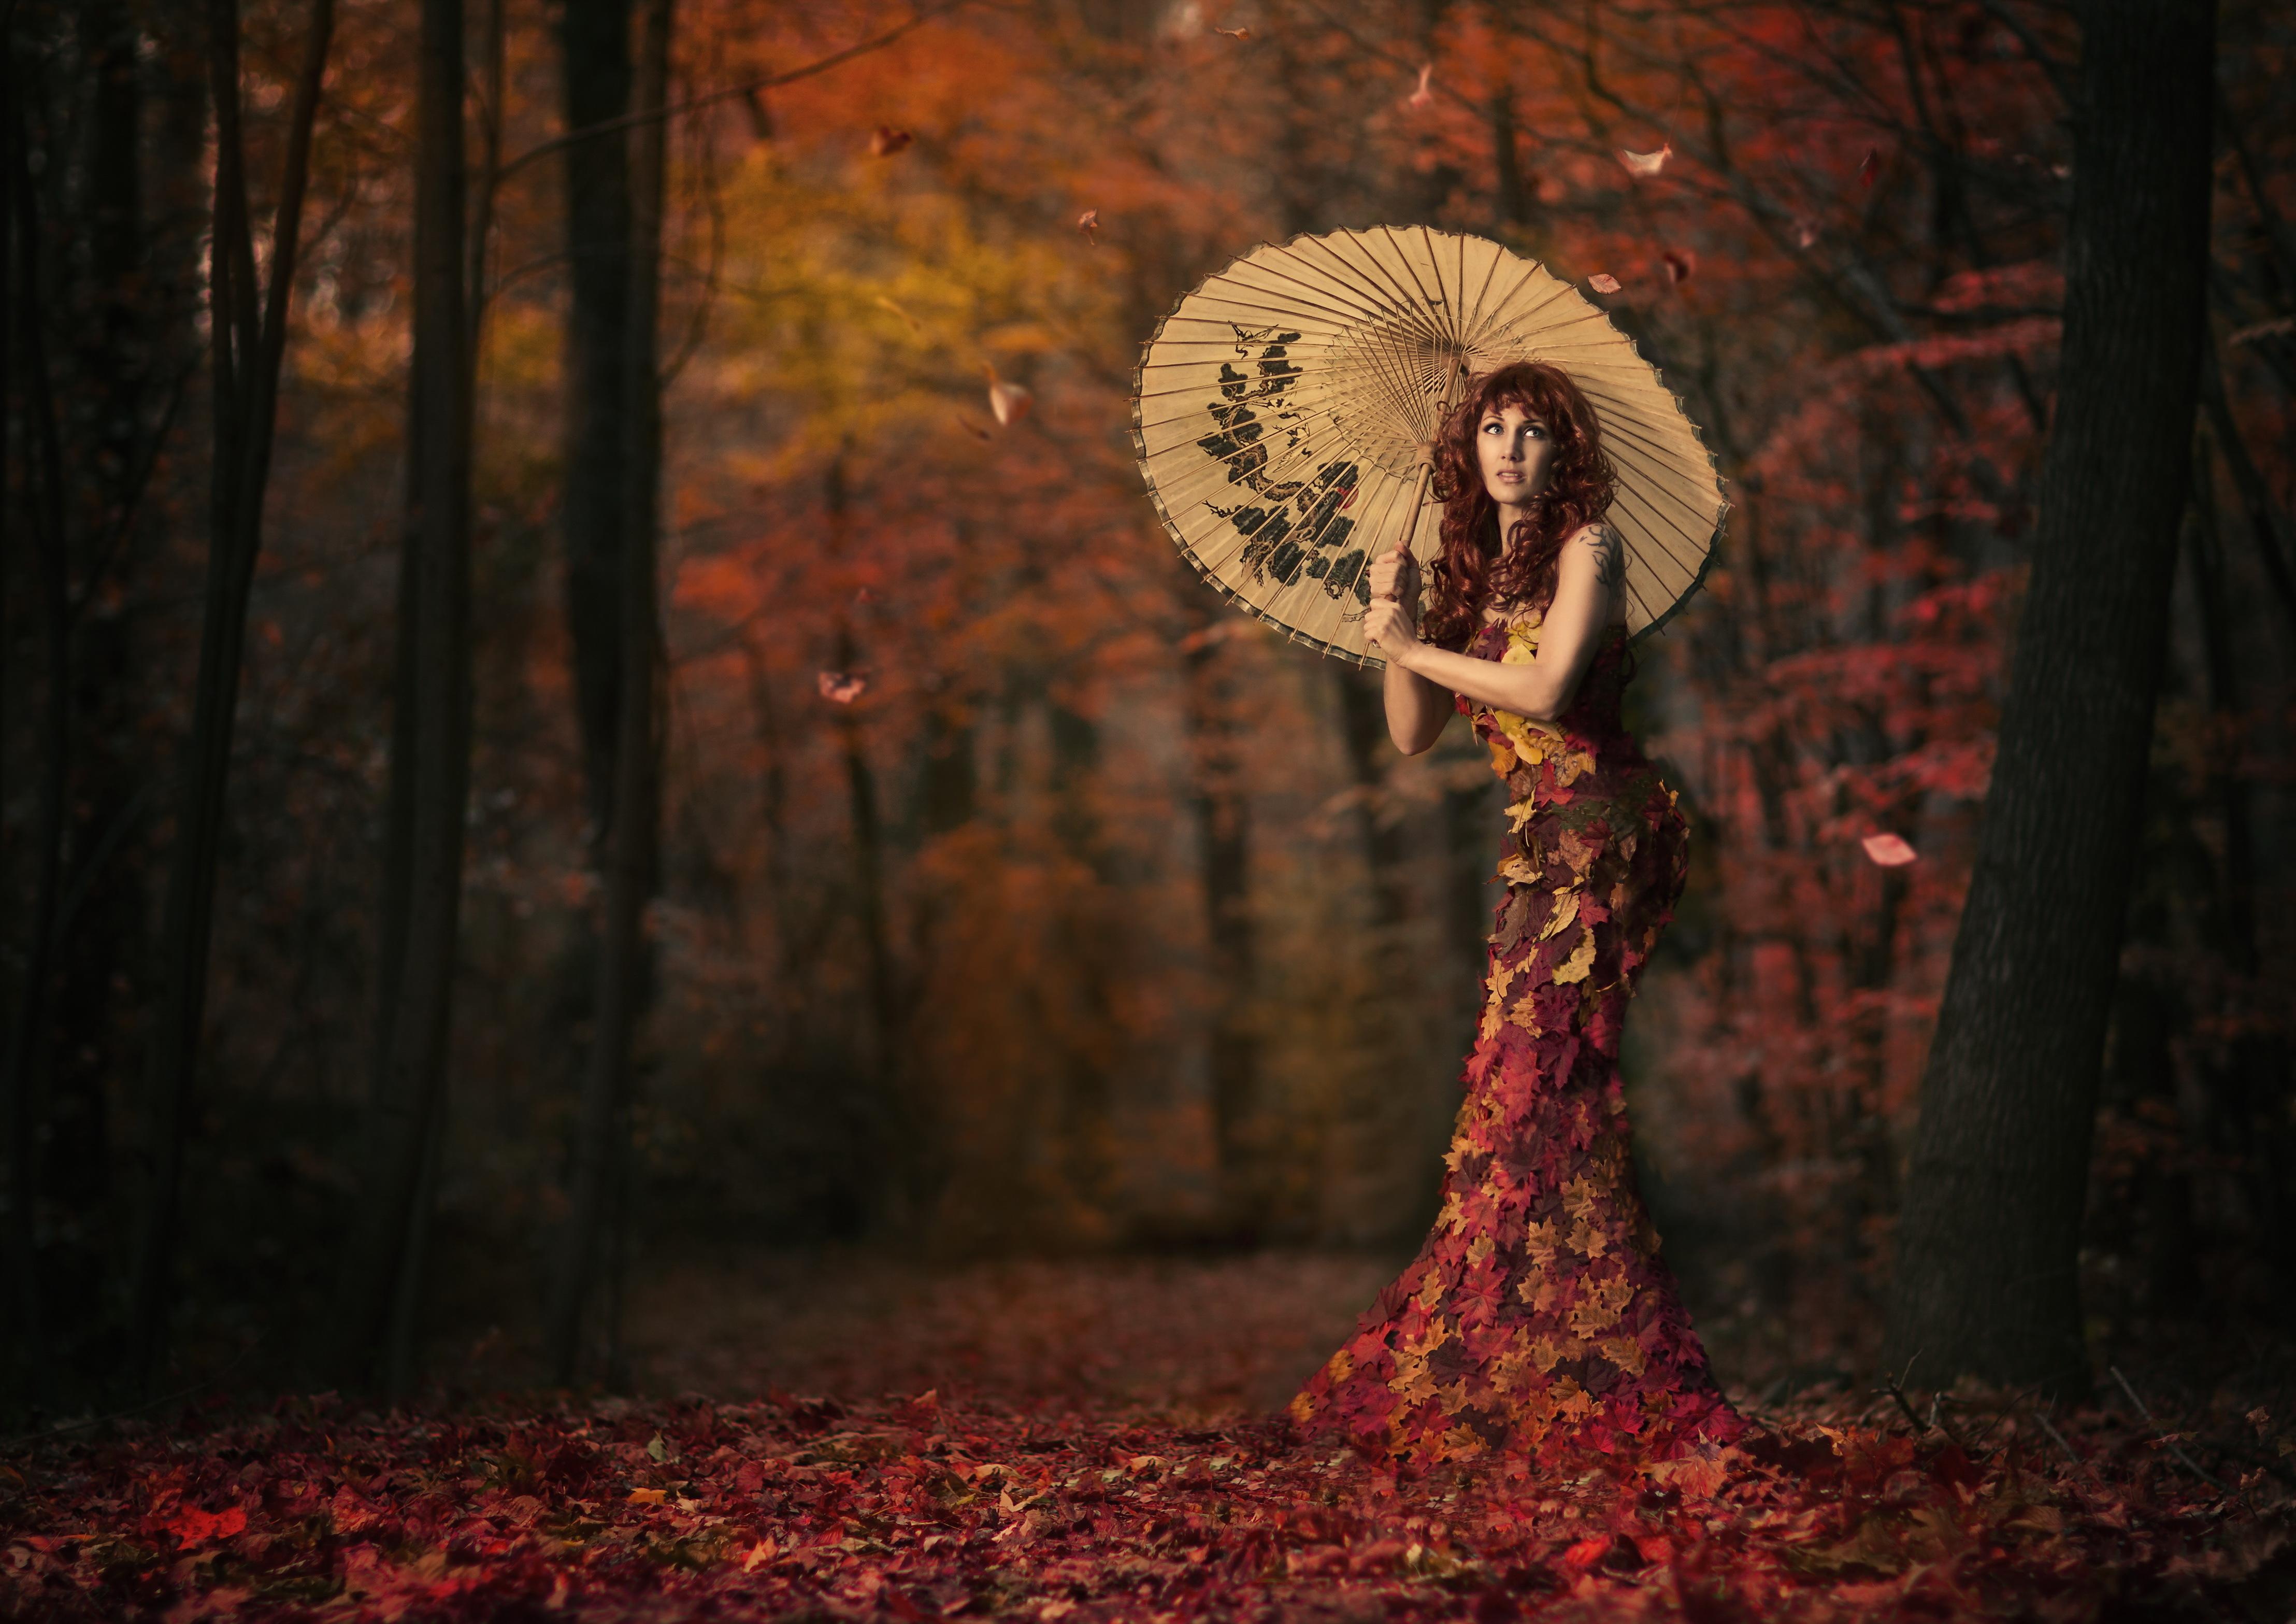 Девушка платье из листьев бесплатно